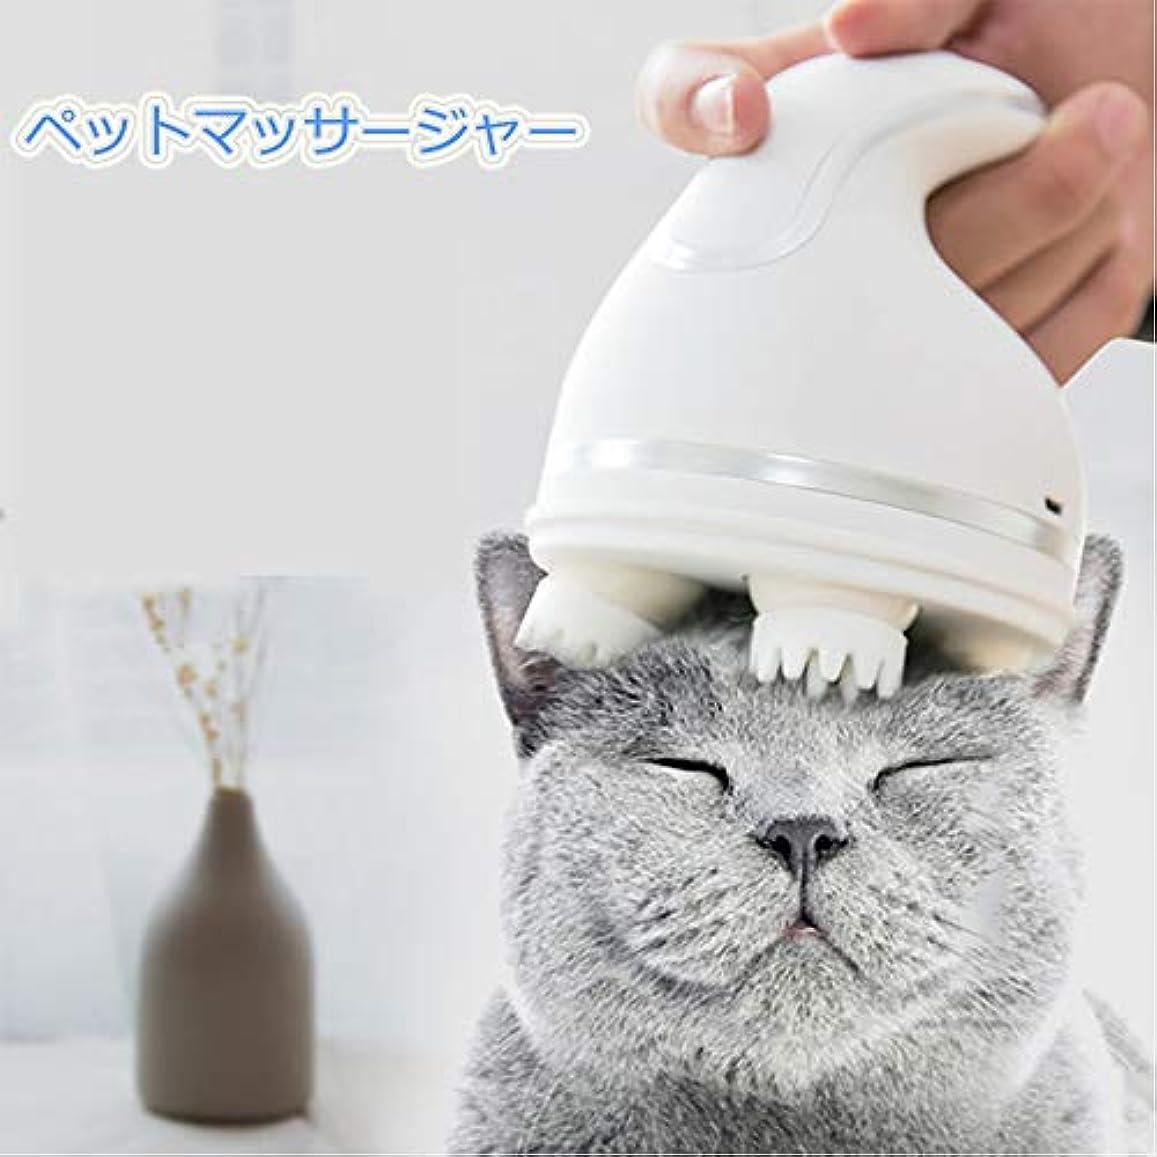 宗教華氏有効なペットマッサージャー 猫マッサージ ヘッドマッサージャー 電動 ヘッドマッサージ器 猫マッサージ器 多機能 ヘッドスパ 発毛促進 血液の循環を促進する USB充電 ペット用品 ペットマッサージ